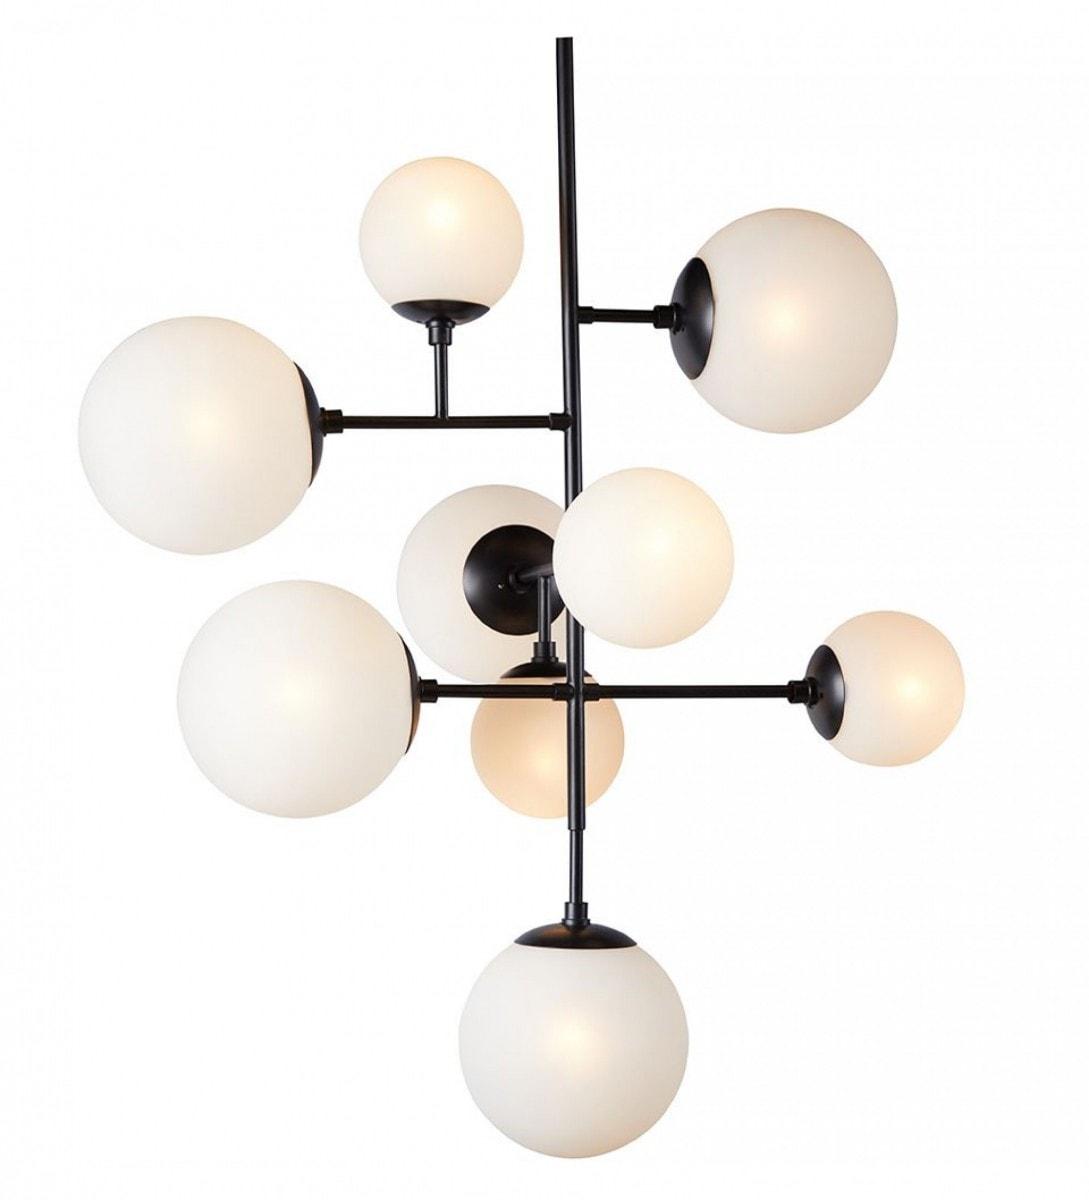 orbit-chandelier-636666